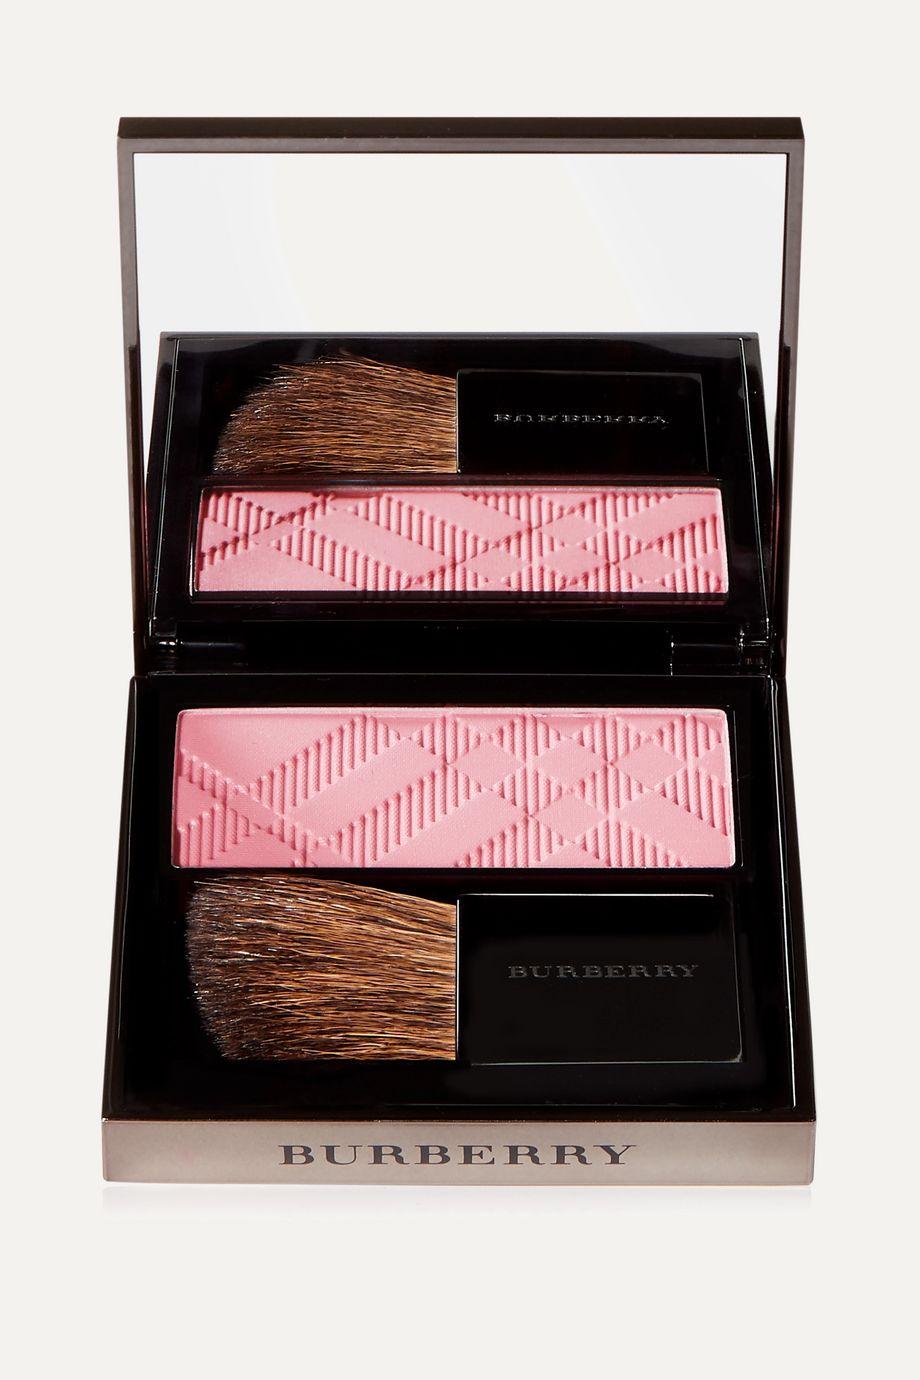 Burberry Beauty Light Glow Blush - Misty No.08